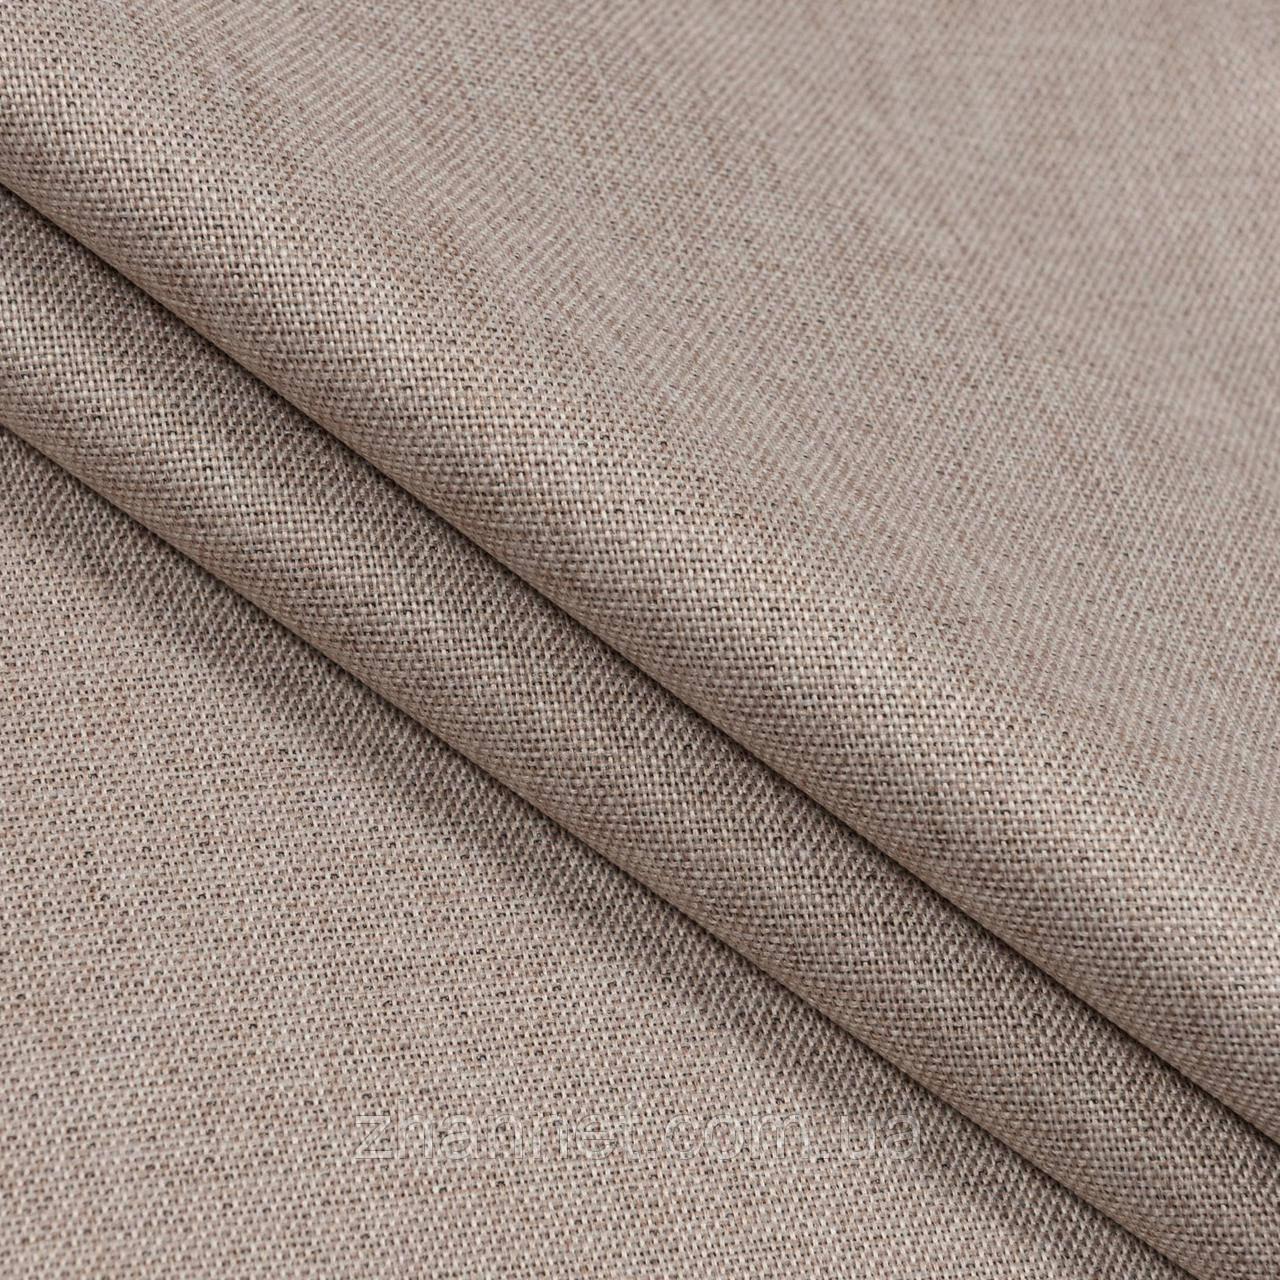 Ткань Блекаут рогожка бежевый 280 см (616351)